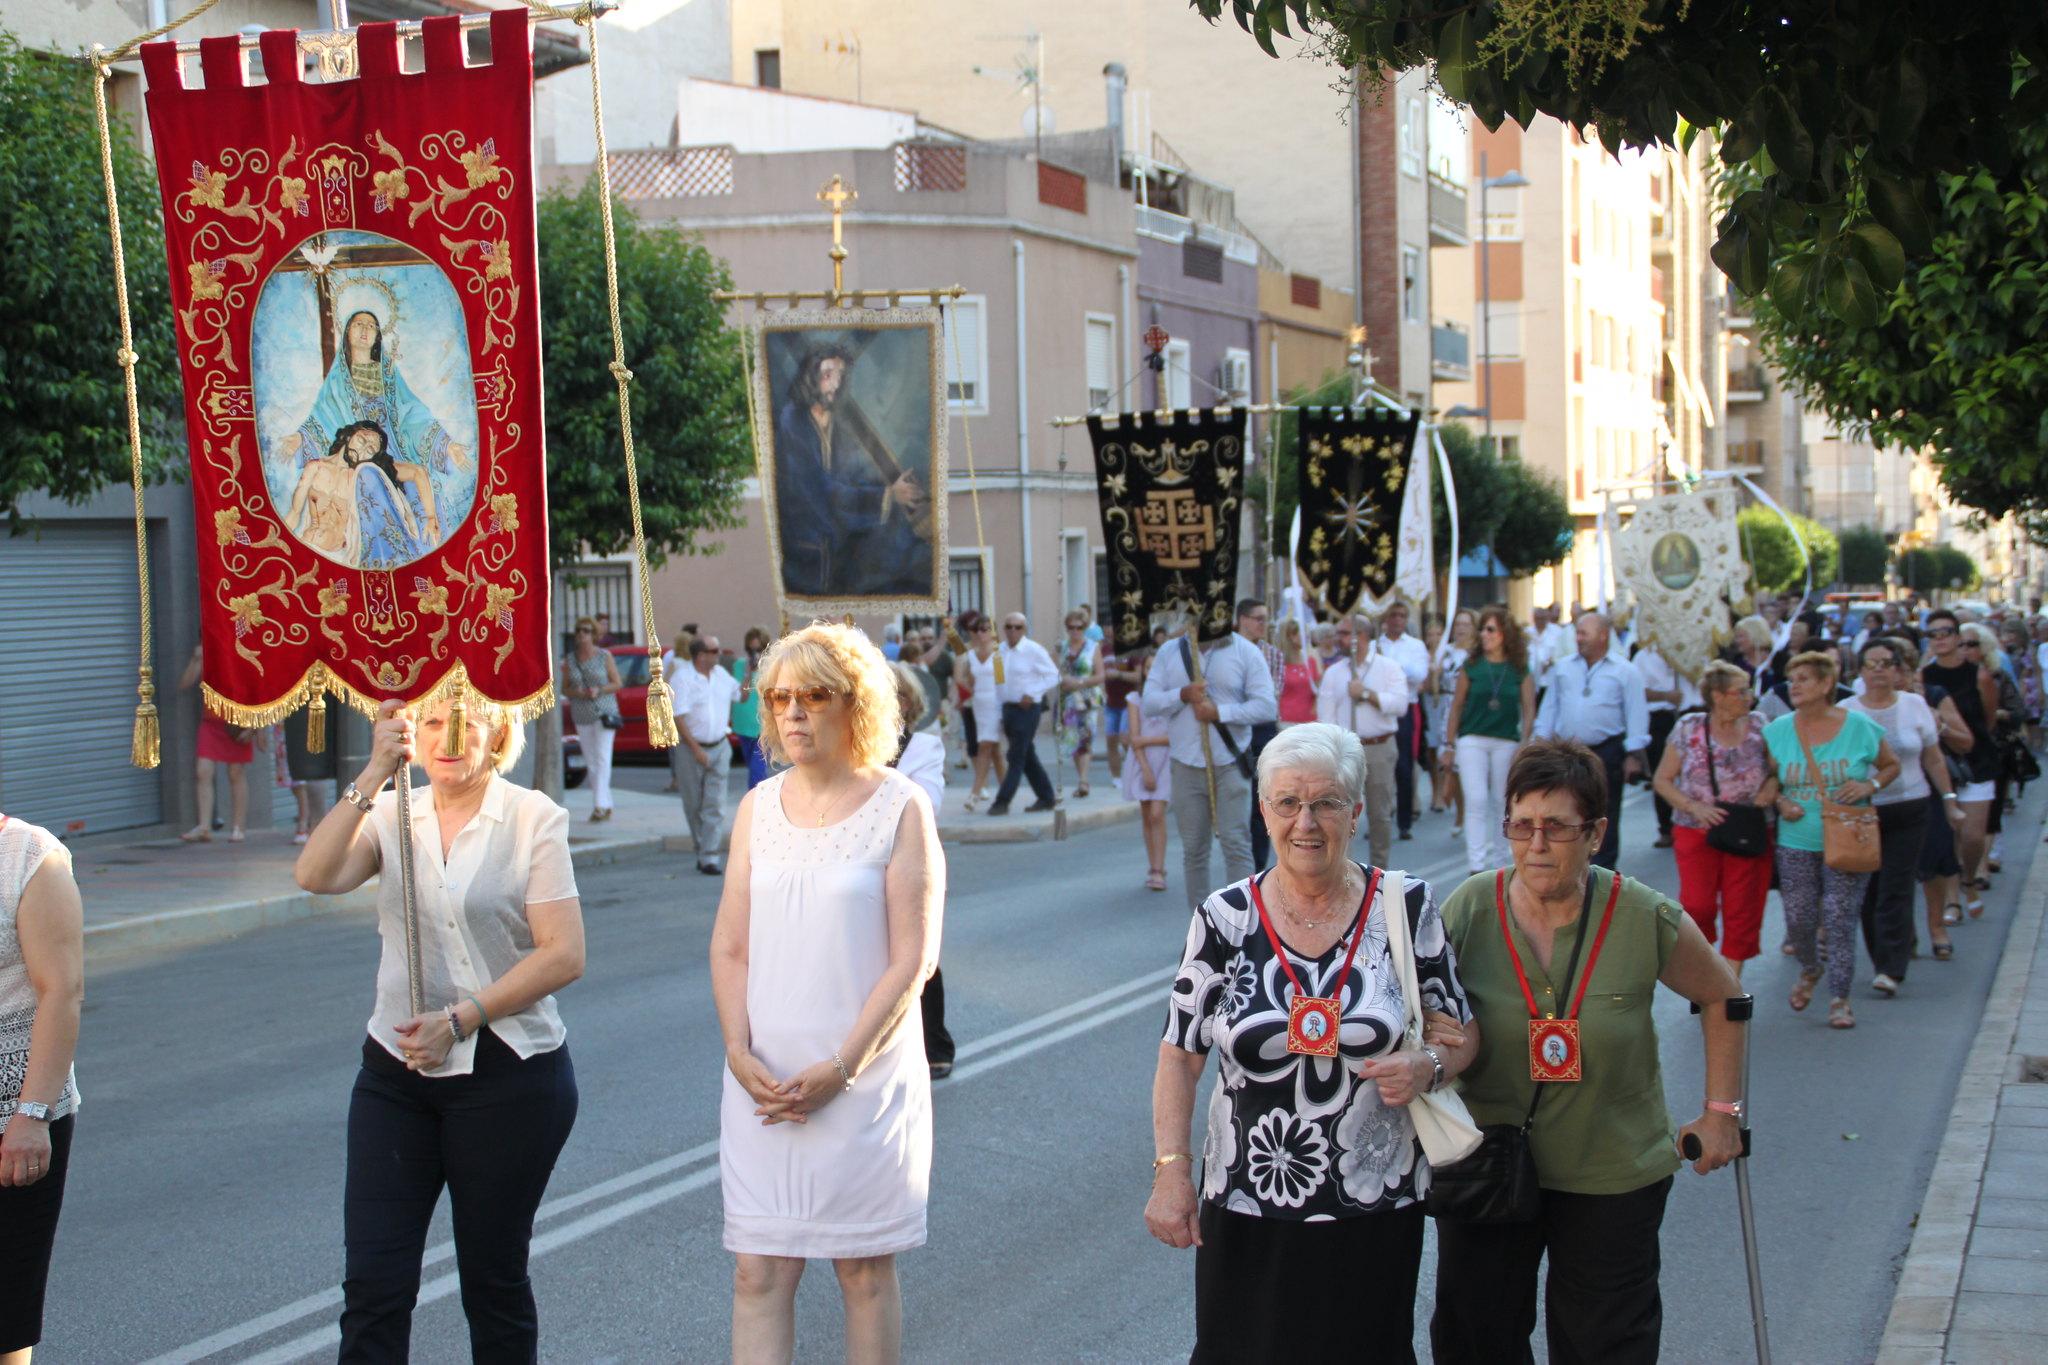 (2015-07-12) - Virgen del Carmen, parroquia La Santa Cruz - Javier Romero Ripoll (11)